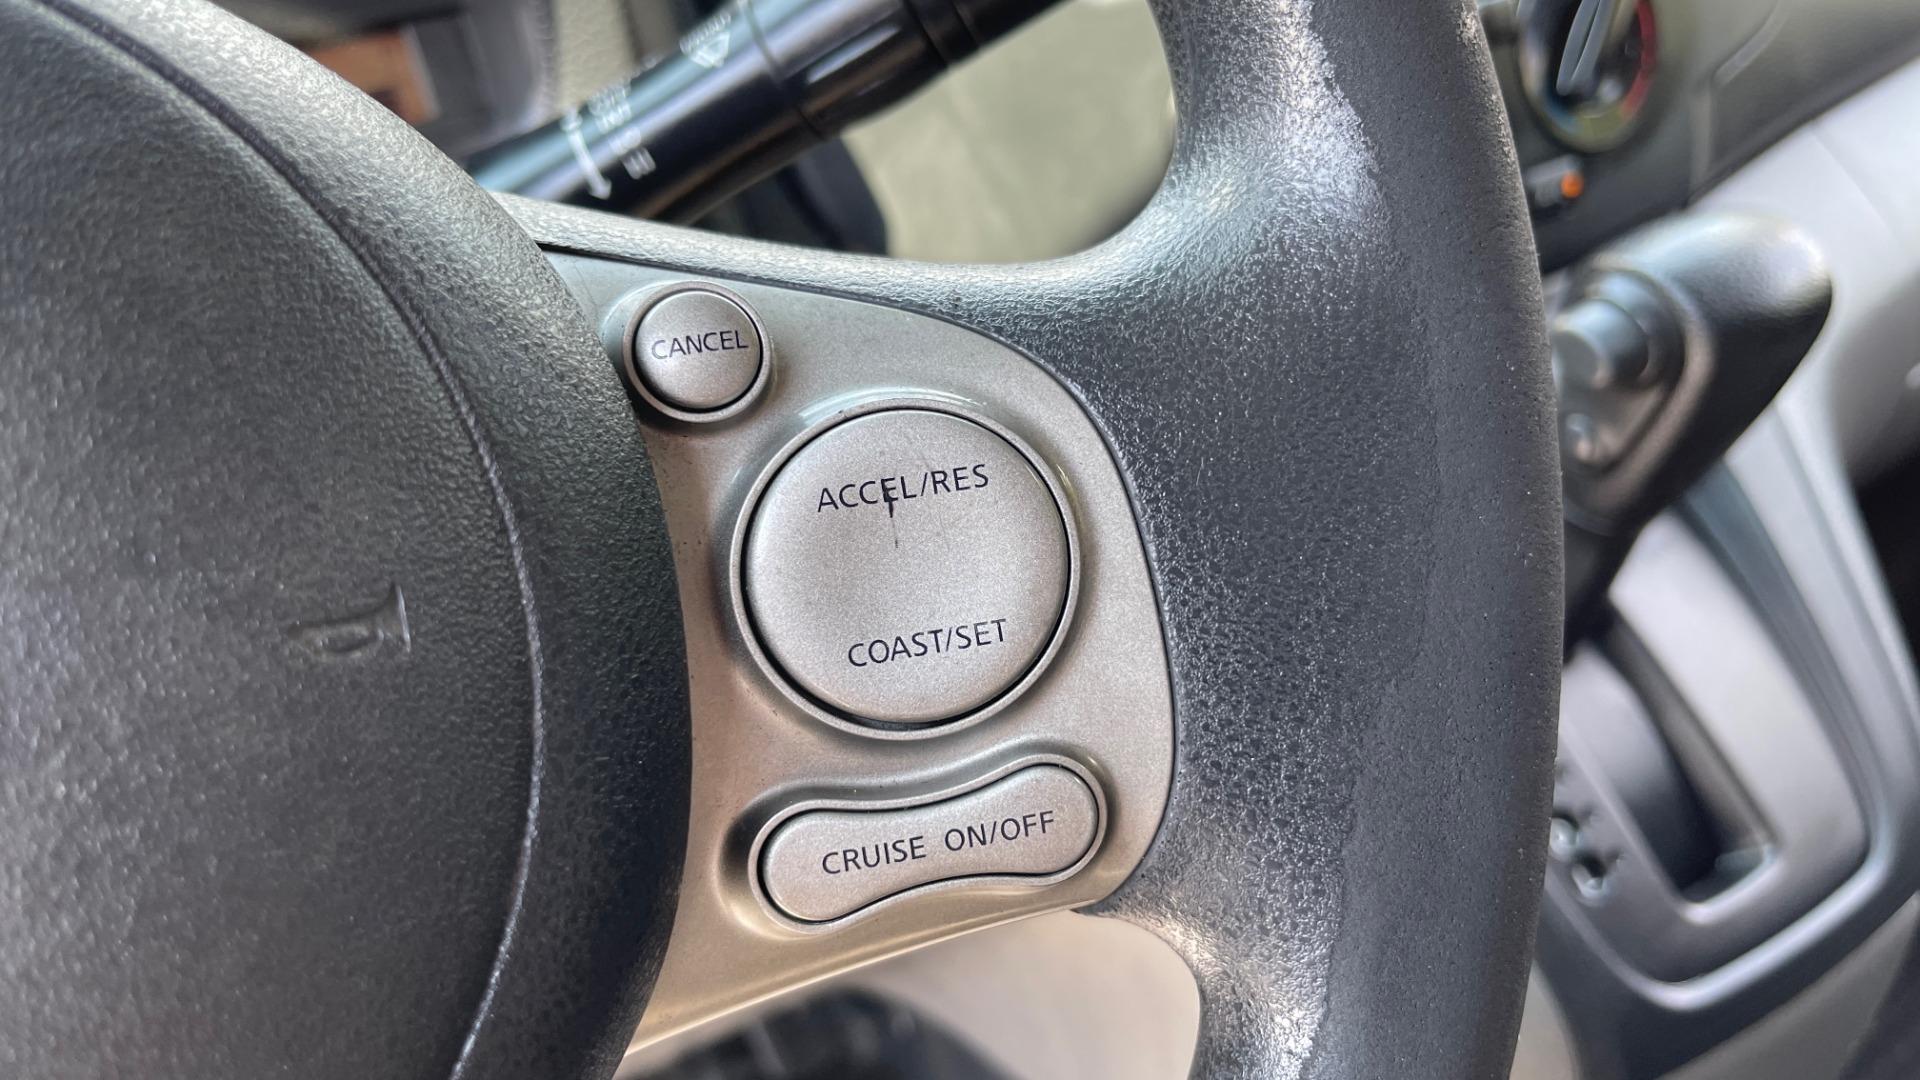 Used 2016 Nissan NV200 SV / WORK VAN / EXT APPEARNACE PKG / SPLASH GUARDS for sale $14,999 at Formula Imports in Charlotte NC 28227 37